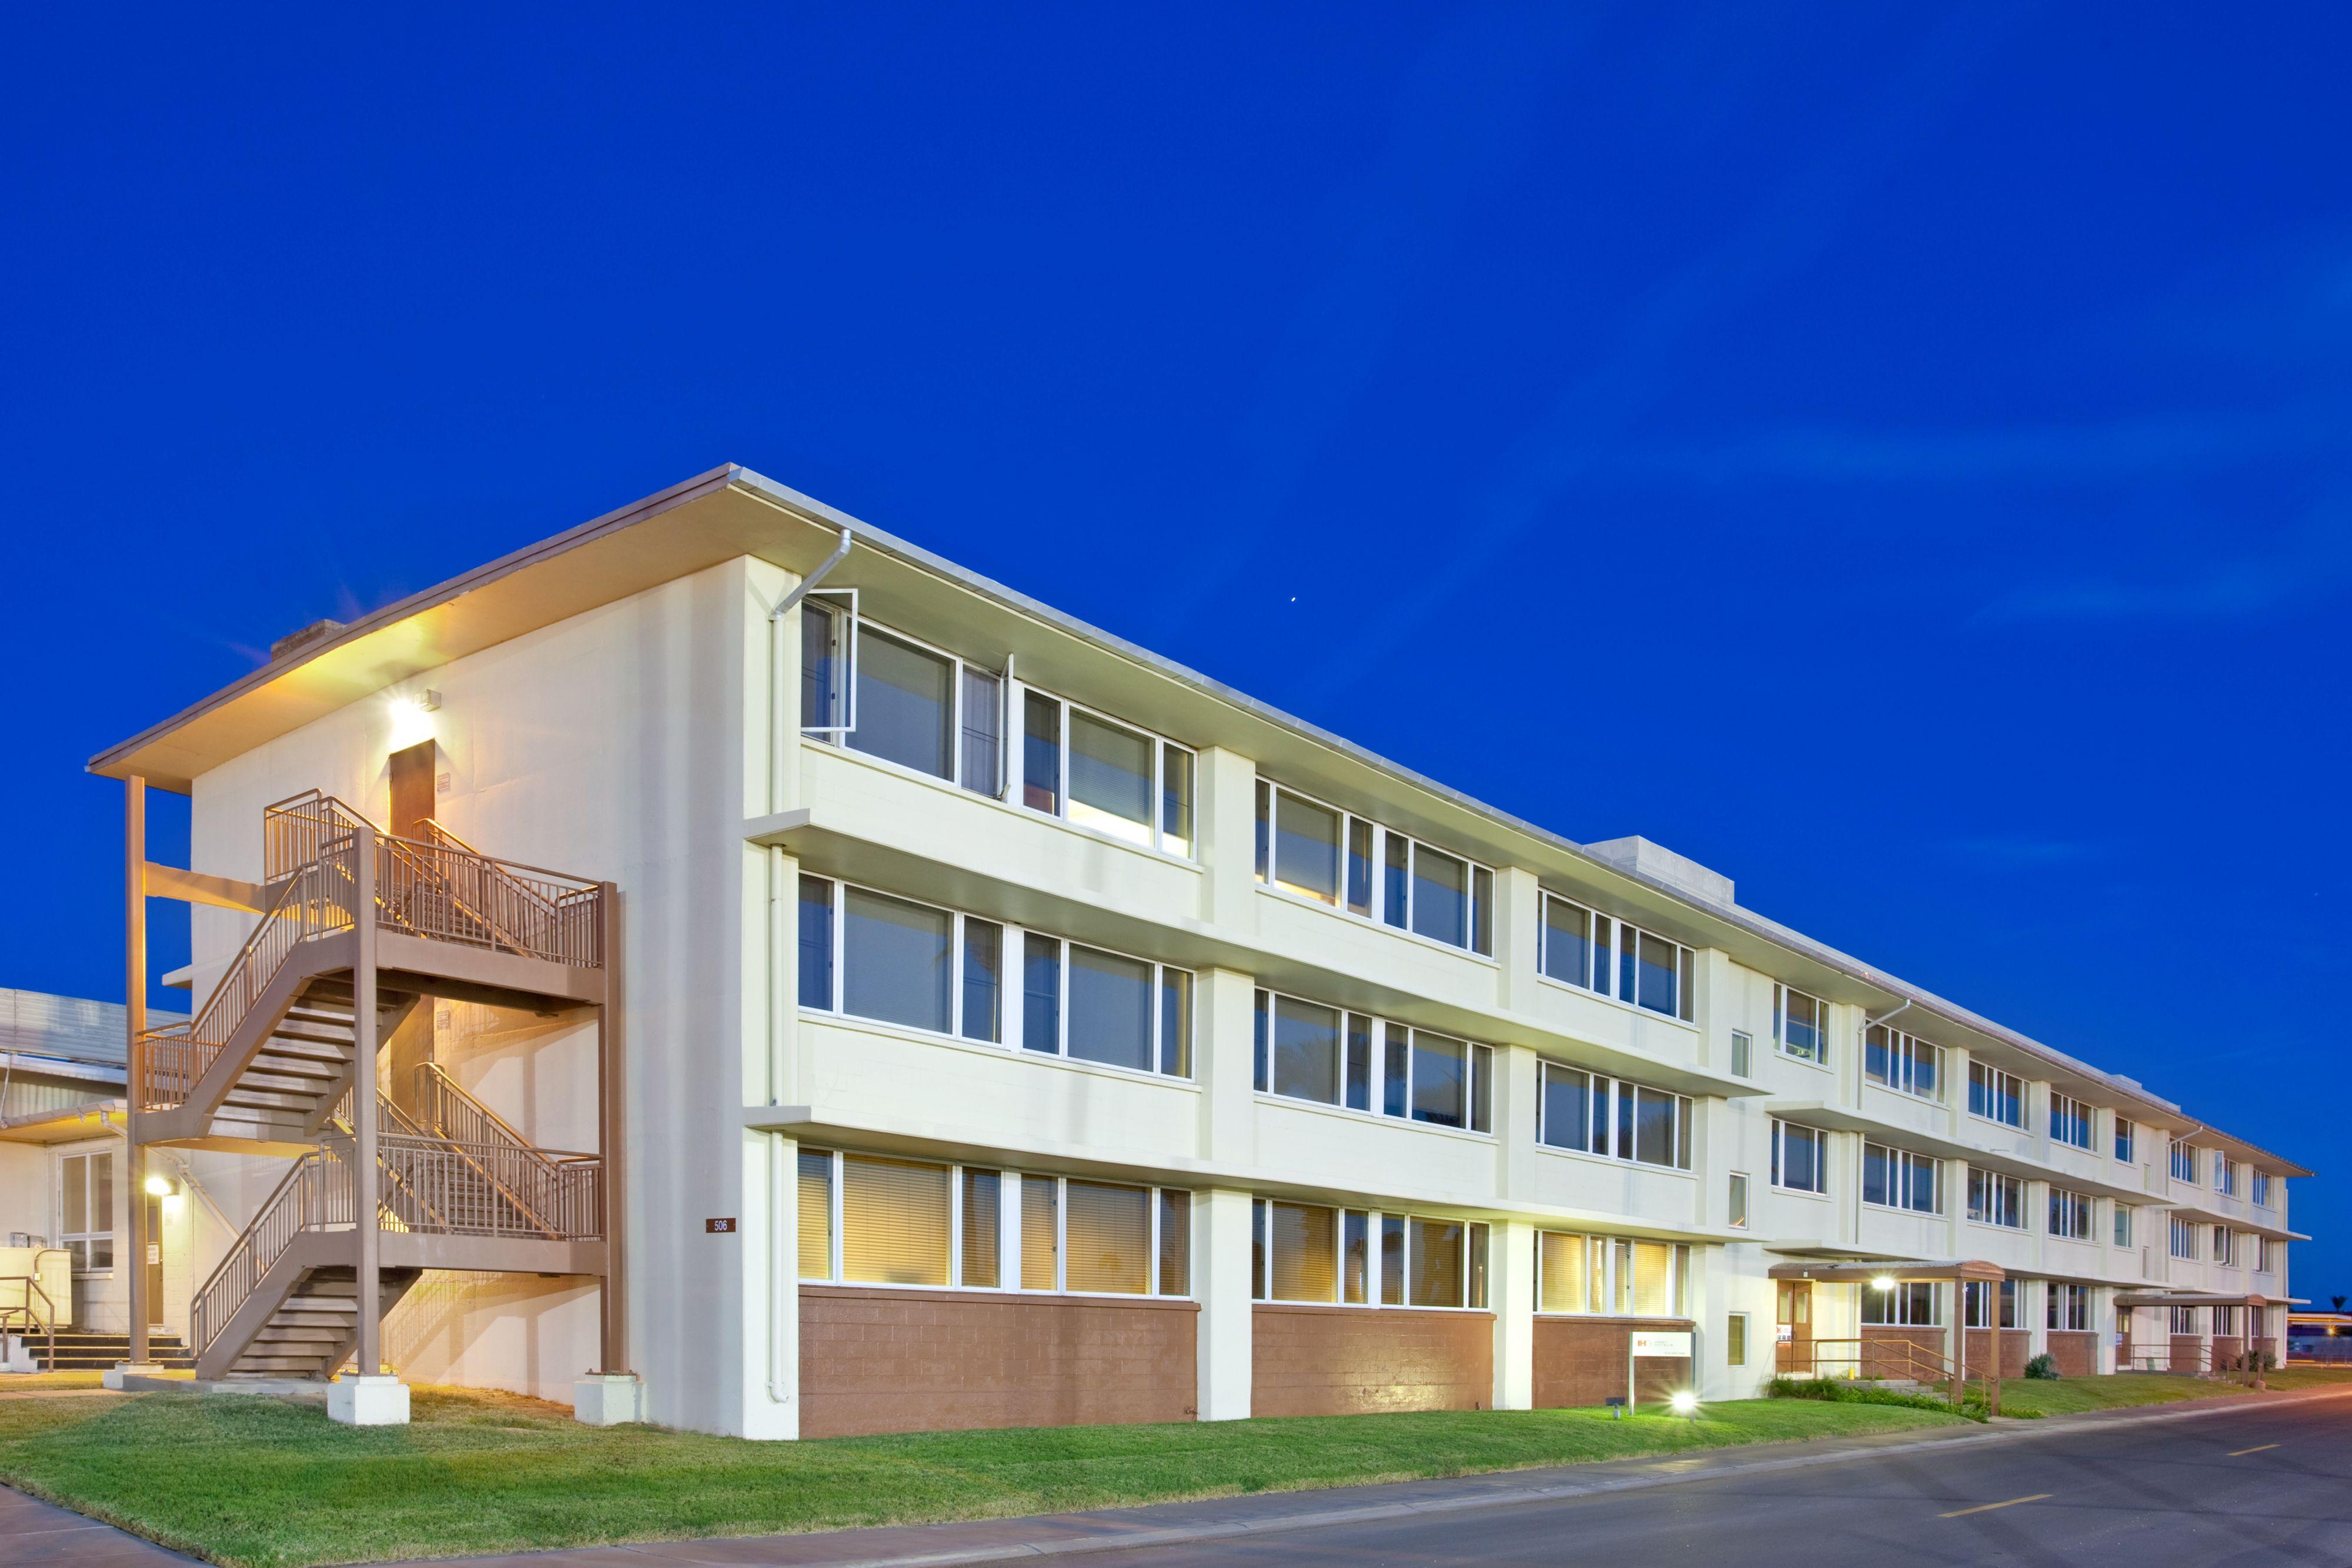 IHG Army Hotels Hotels LaCasita